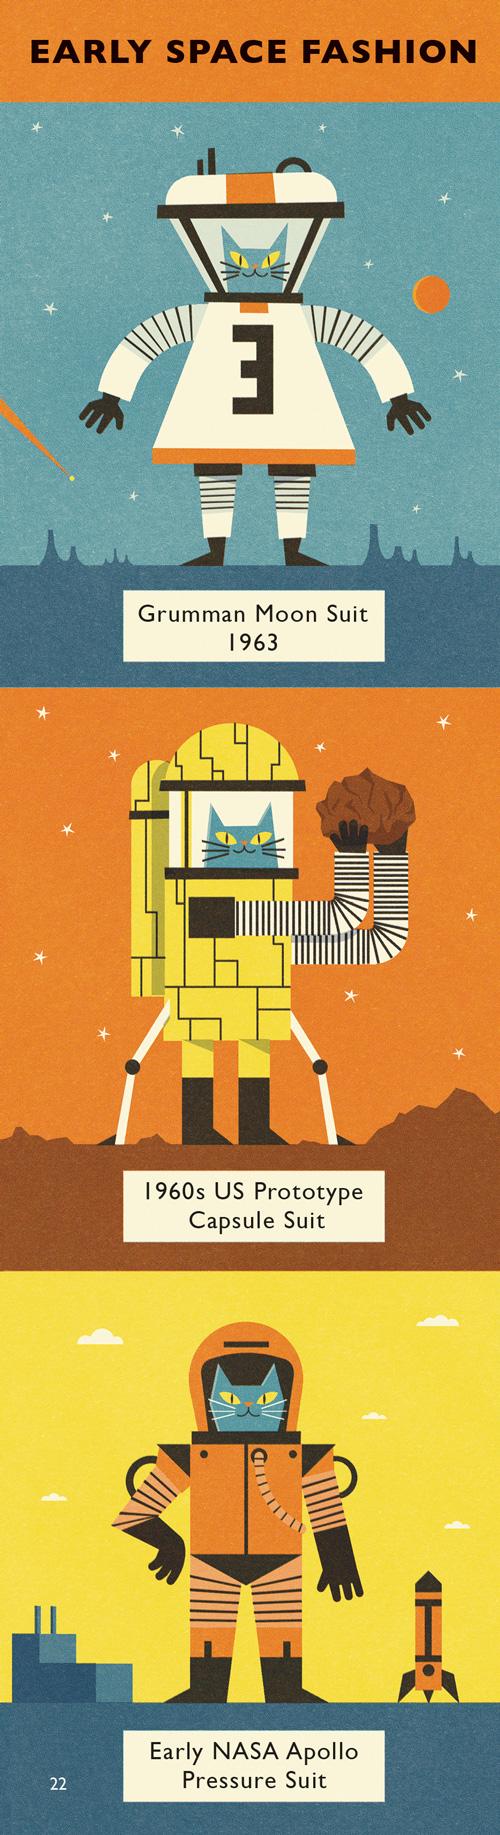 Professor Astro Cat S Frontiers Of Space Book